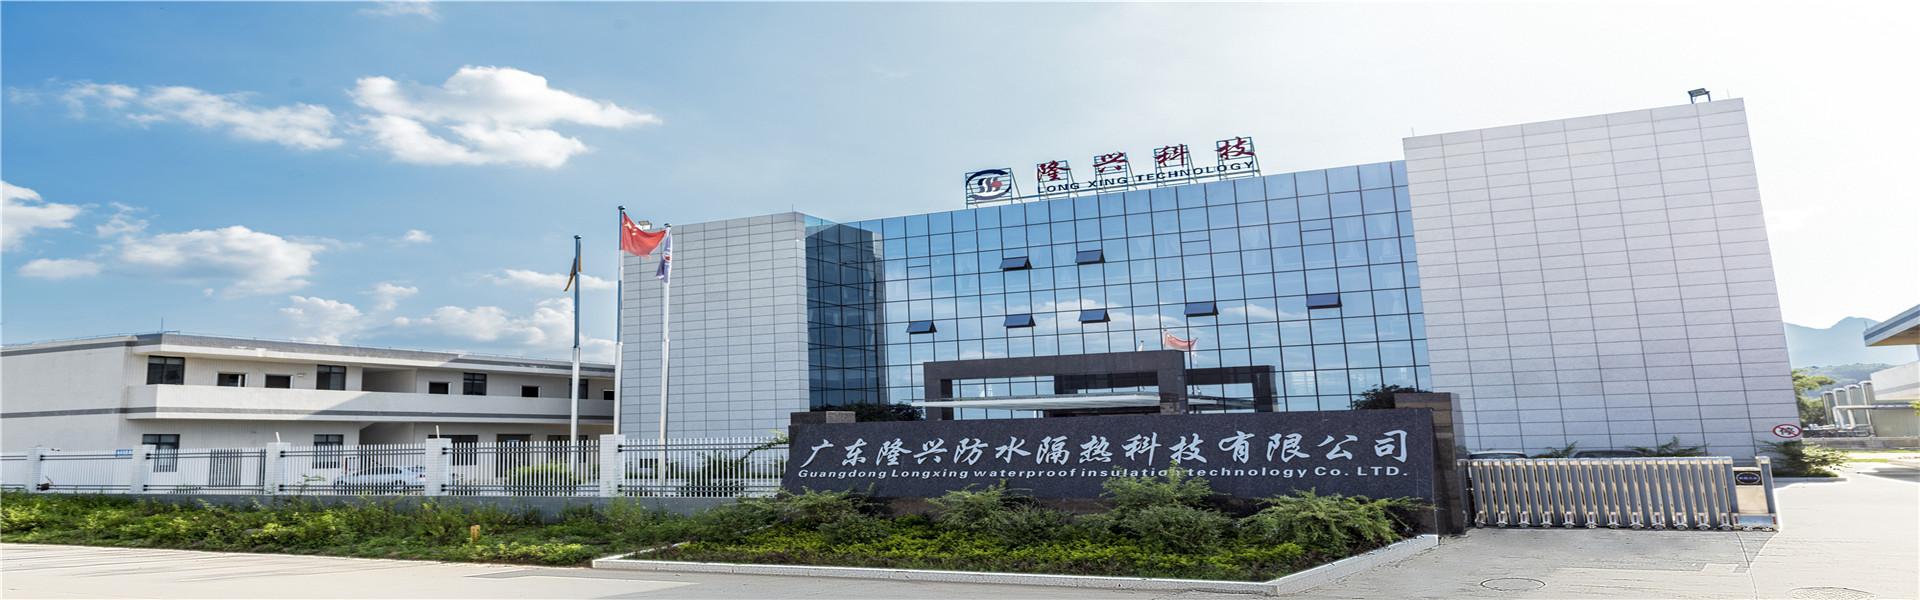 隆兴公司大楼